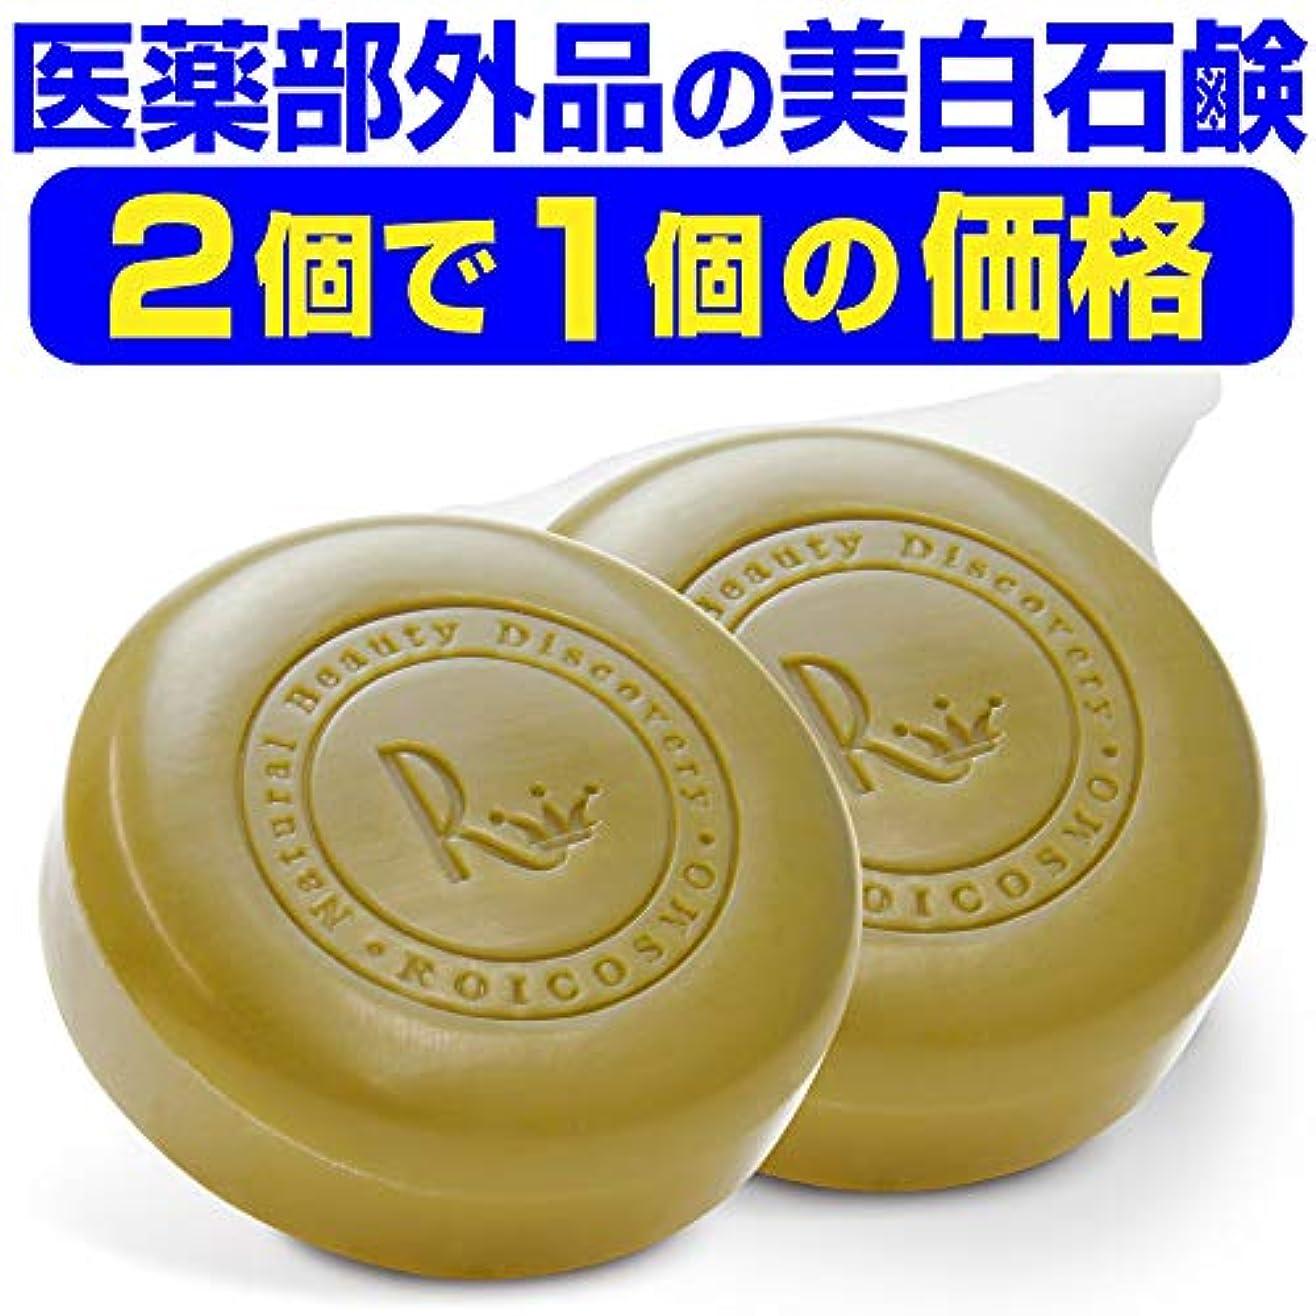 中央値メンター扇動する2個まとめ買い9%OFF 美白石鹸/ビタミンC270倍の美白成分配合の 洗顔石鹸 固形『ホワイトソープ100g×2個』